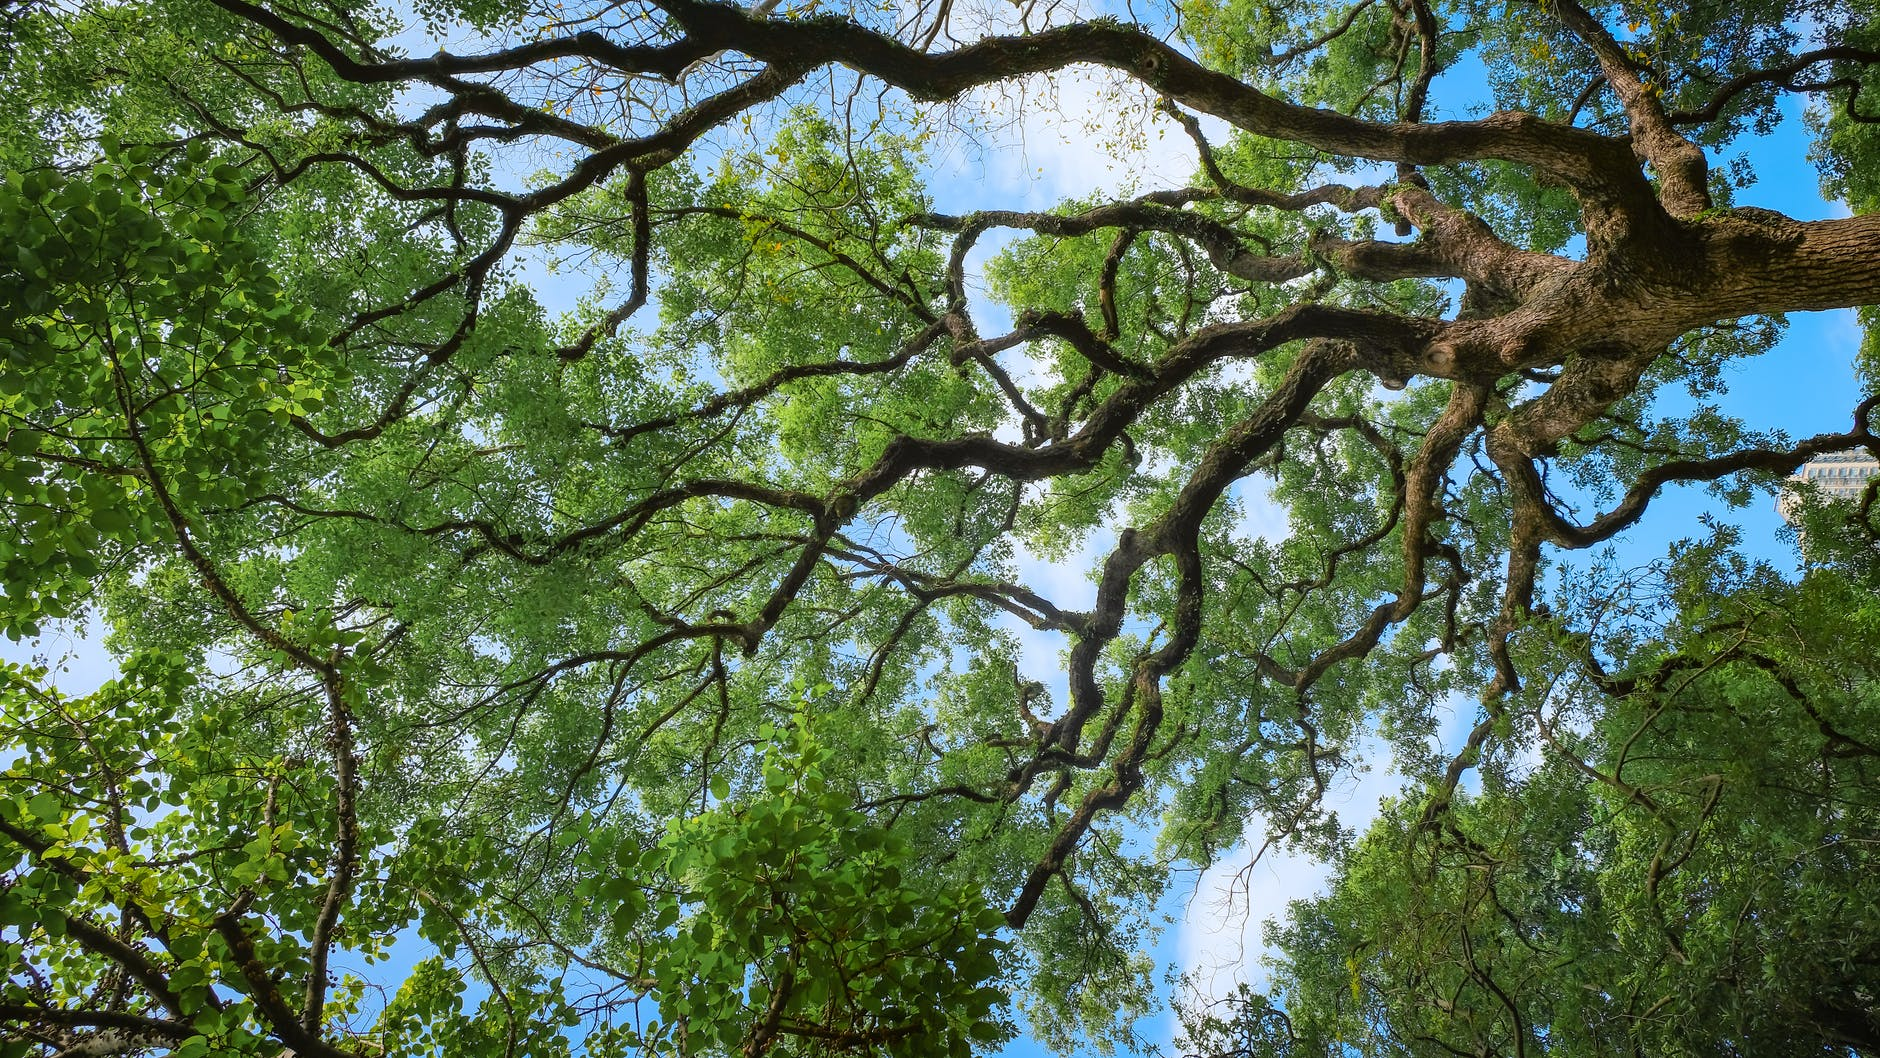 Ezek az erdei biodiverzitás kulcsfontosságú környezeti tényezői